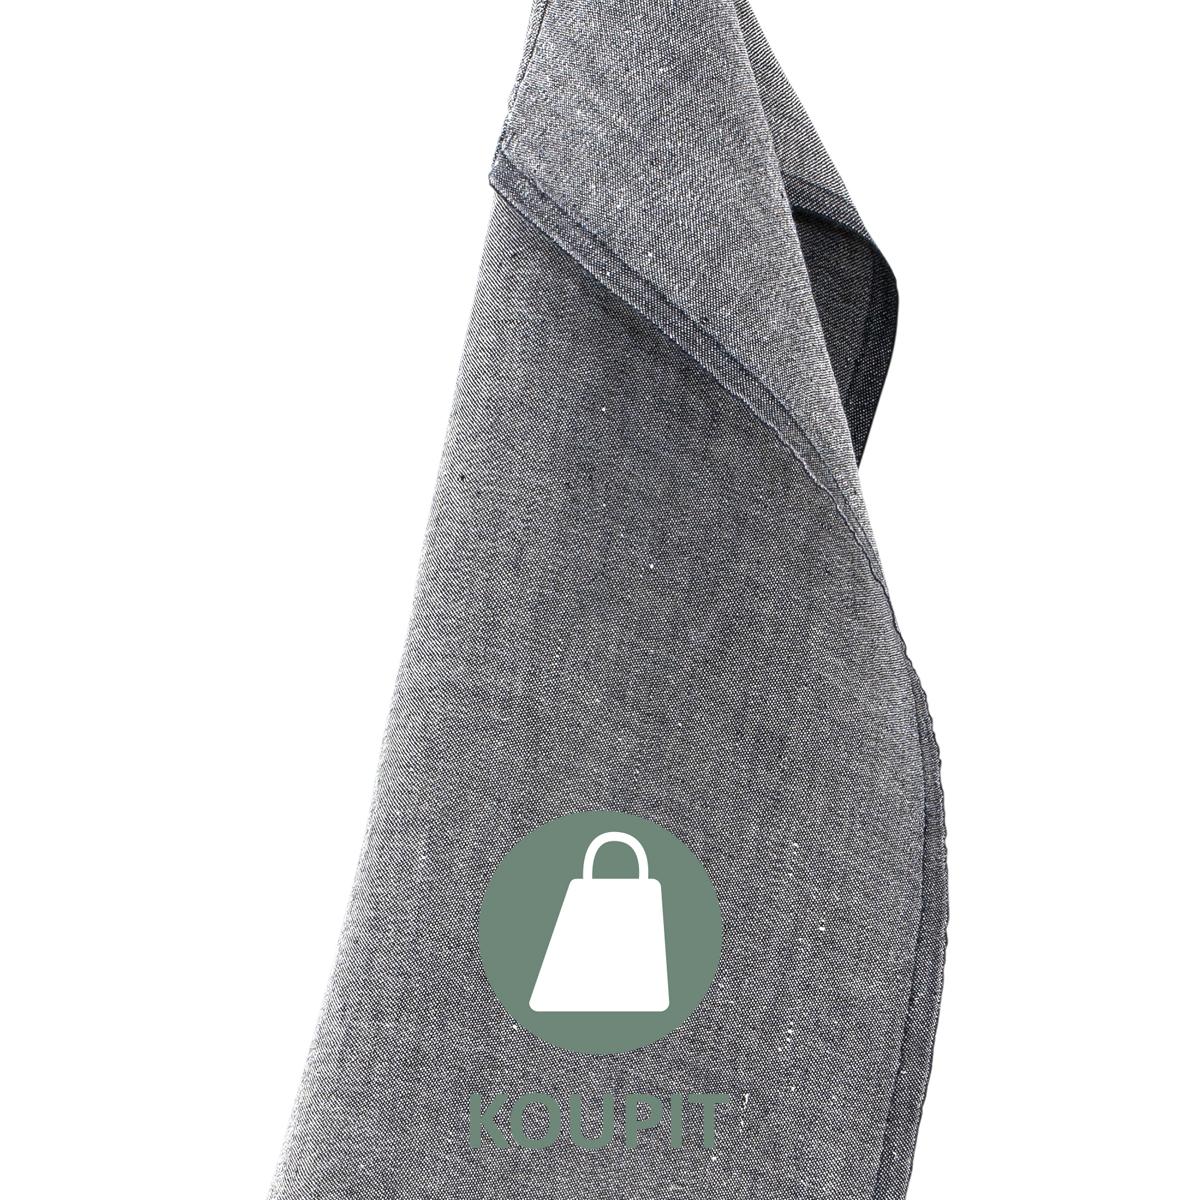 letni-textil-lapuan-kankurit-produkt8